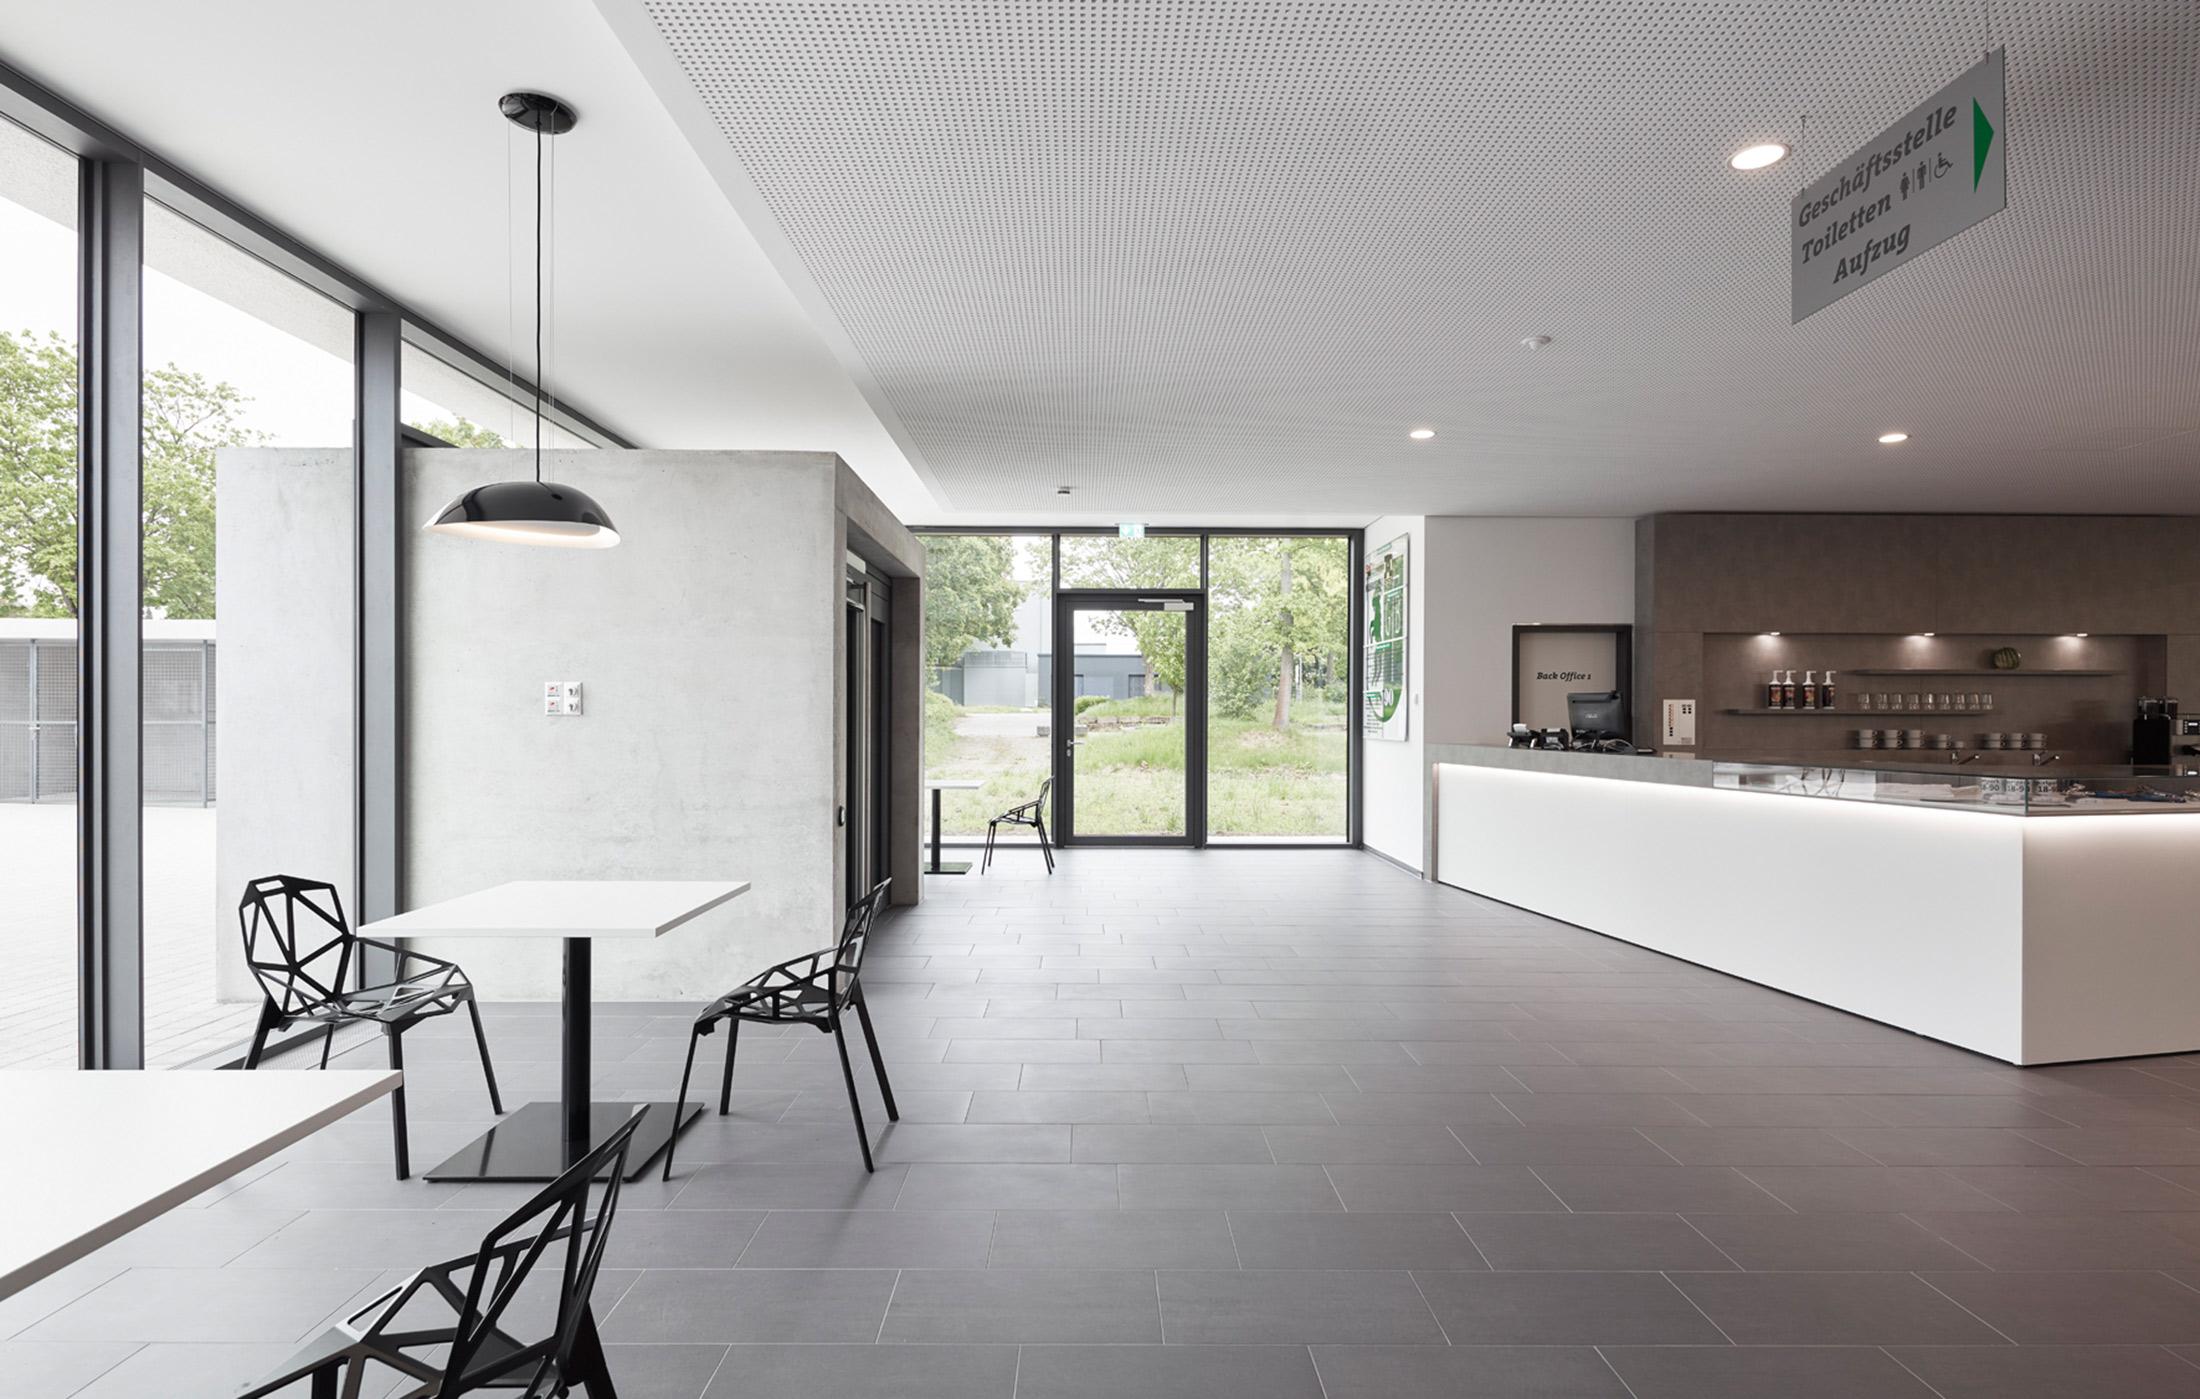 2016_Neubau_Boeckingen_Generalplanung_Architektur_Sportvereinszentrum